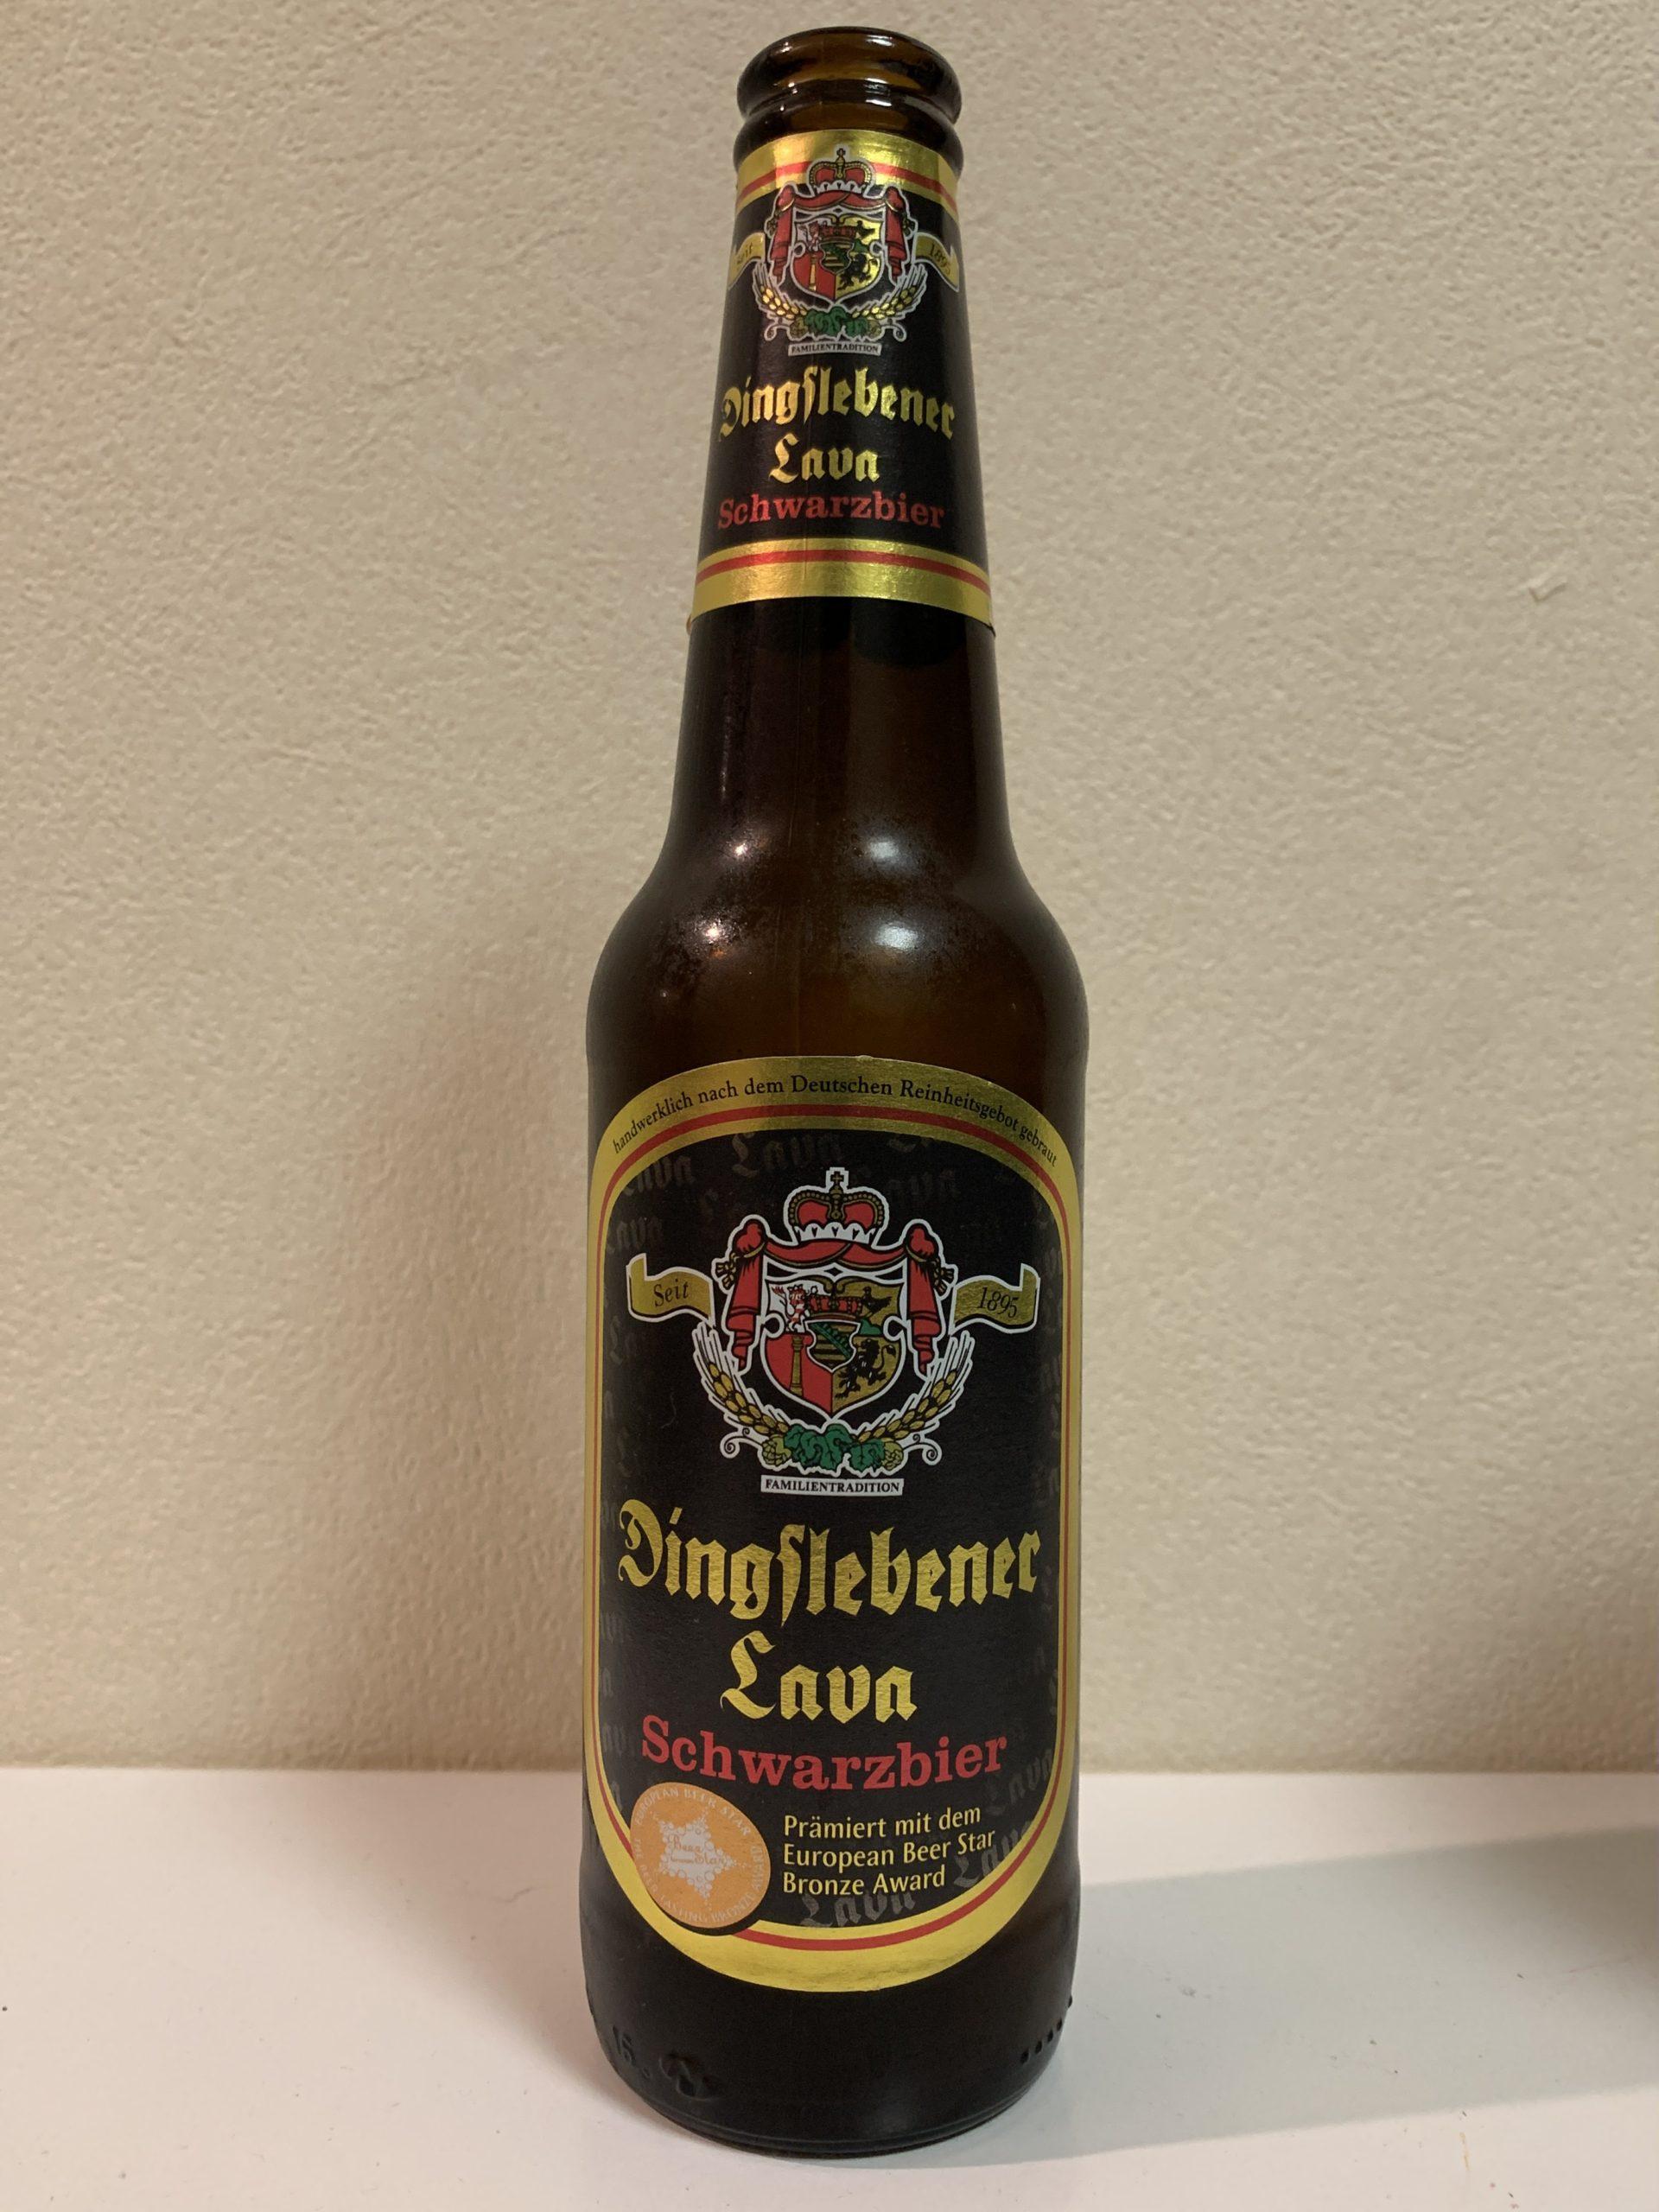 Dingslebener Lava Schwarzbier (ディングスレーベナー ラヴァ シュバルツビア)